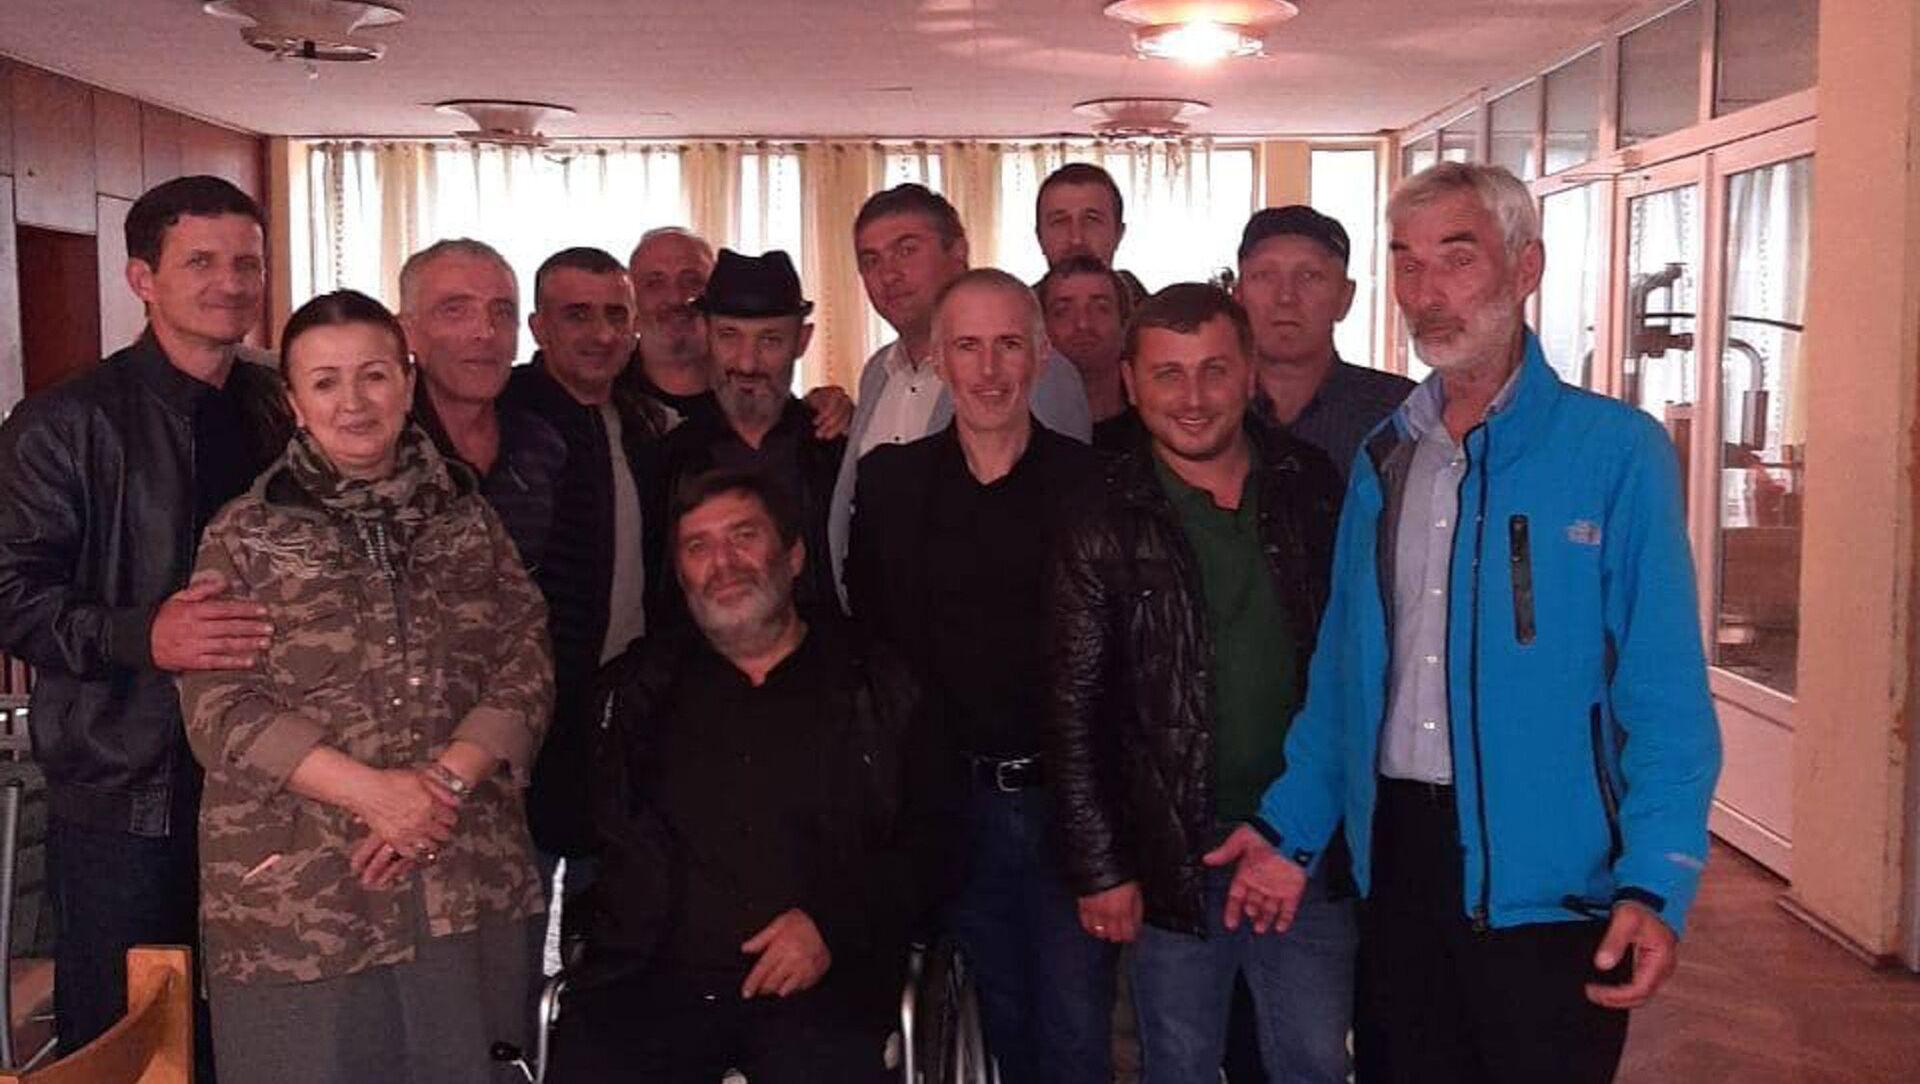 Члены сообщества водителей Абхазии собрали деньги для инвалидов войны ко Дню Победы   - Sputnik Аҧсны, 1920, 28.09.2021